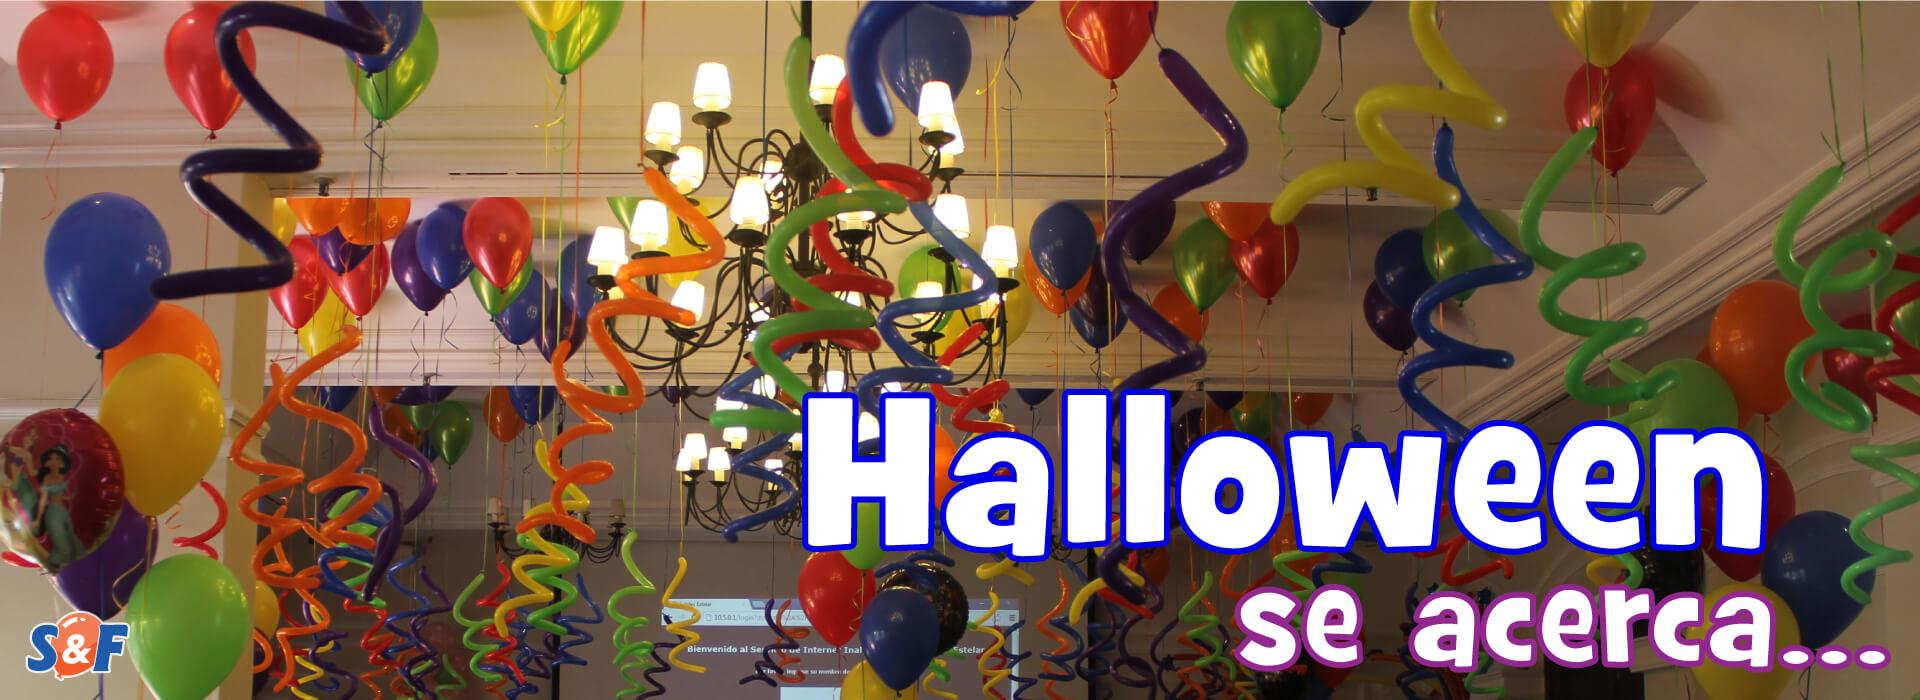 Halloween se acerca, decoración con globos con helio certificado y espirales de colores para ambientar y celebrar.